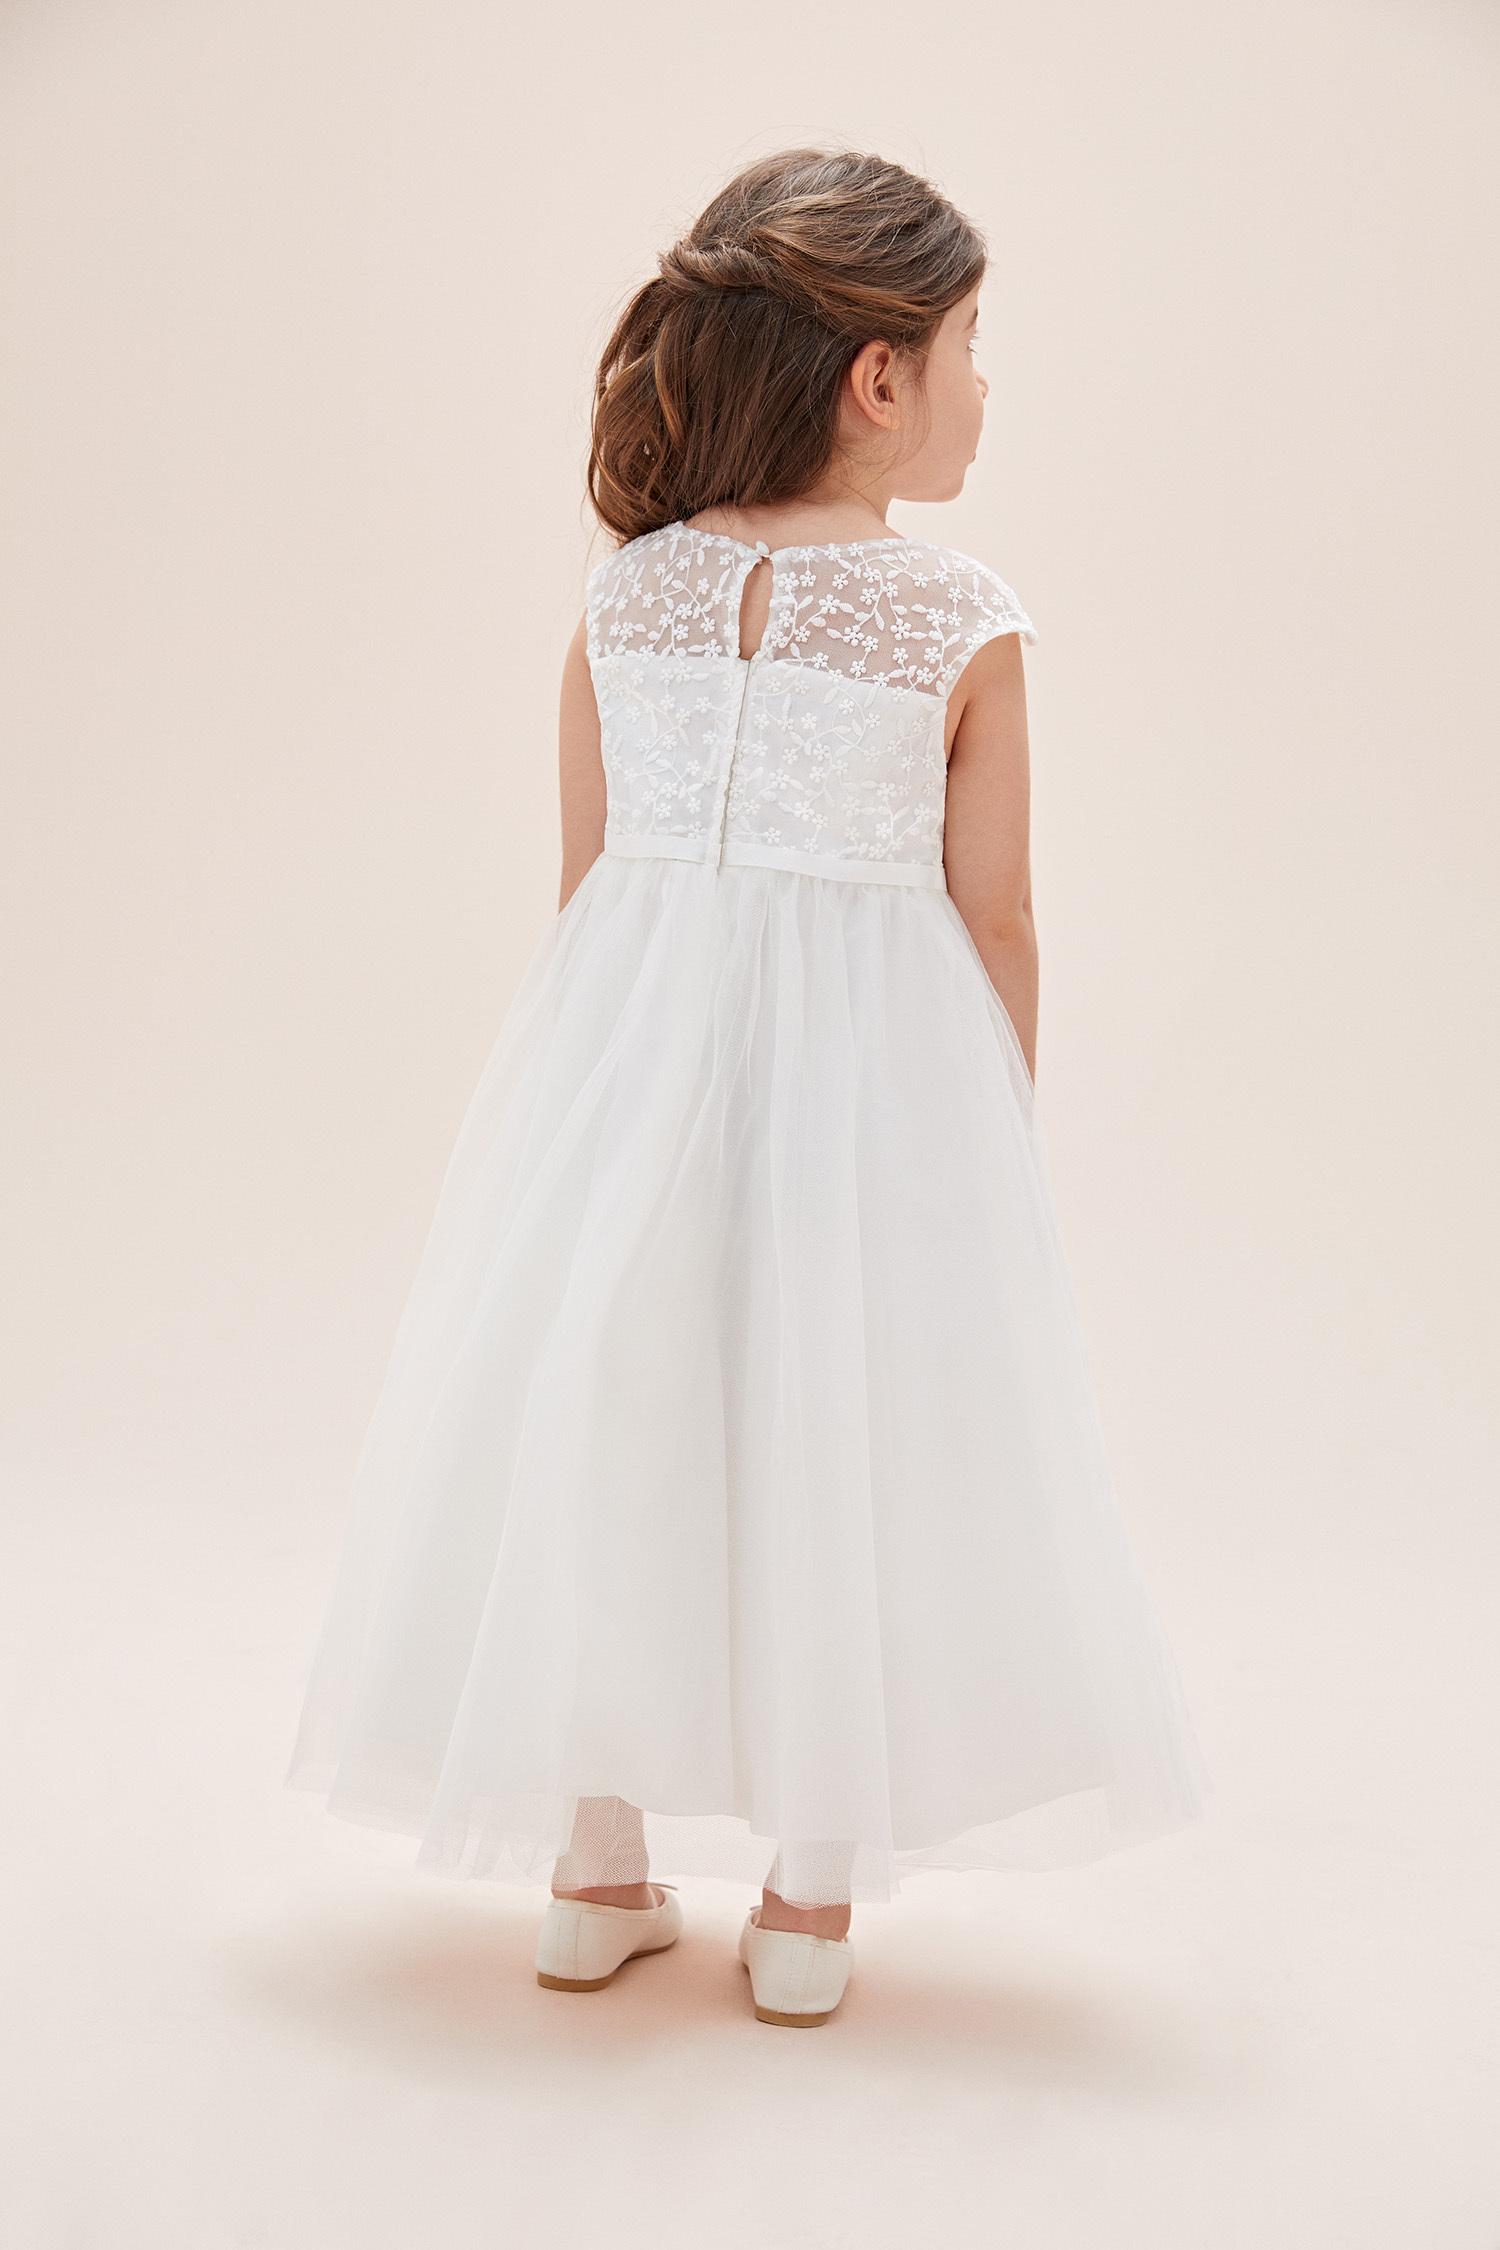 Kırık Beyaz Askılı Tül Çocuk Elbisesi - Thumbnail